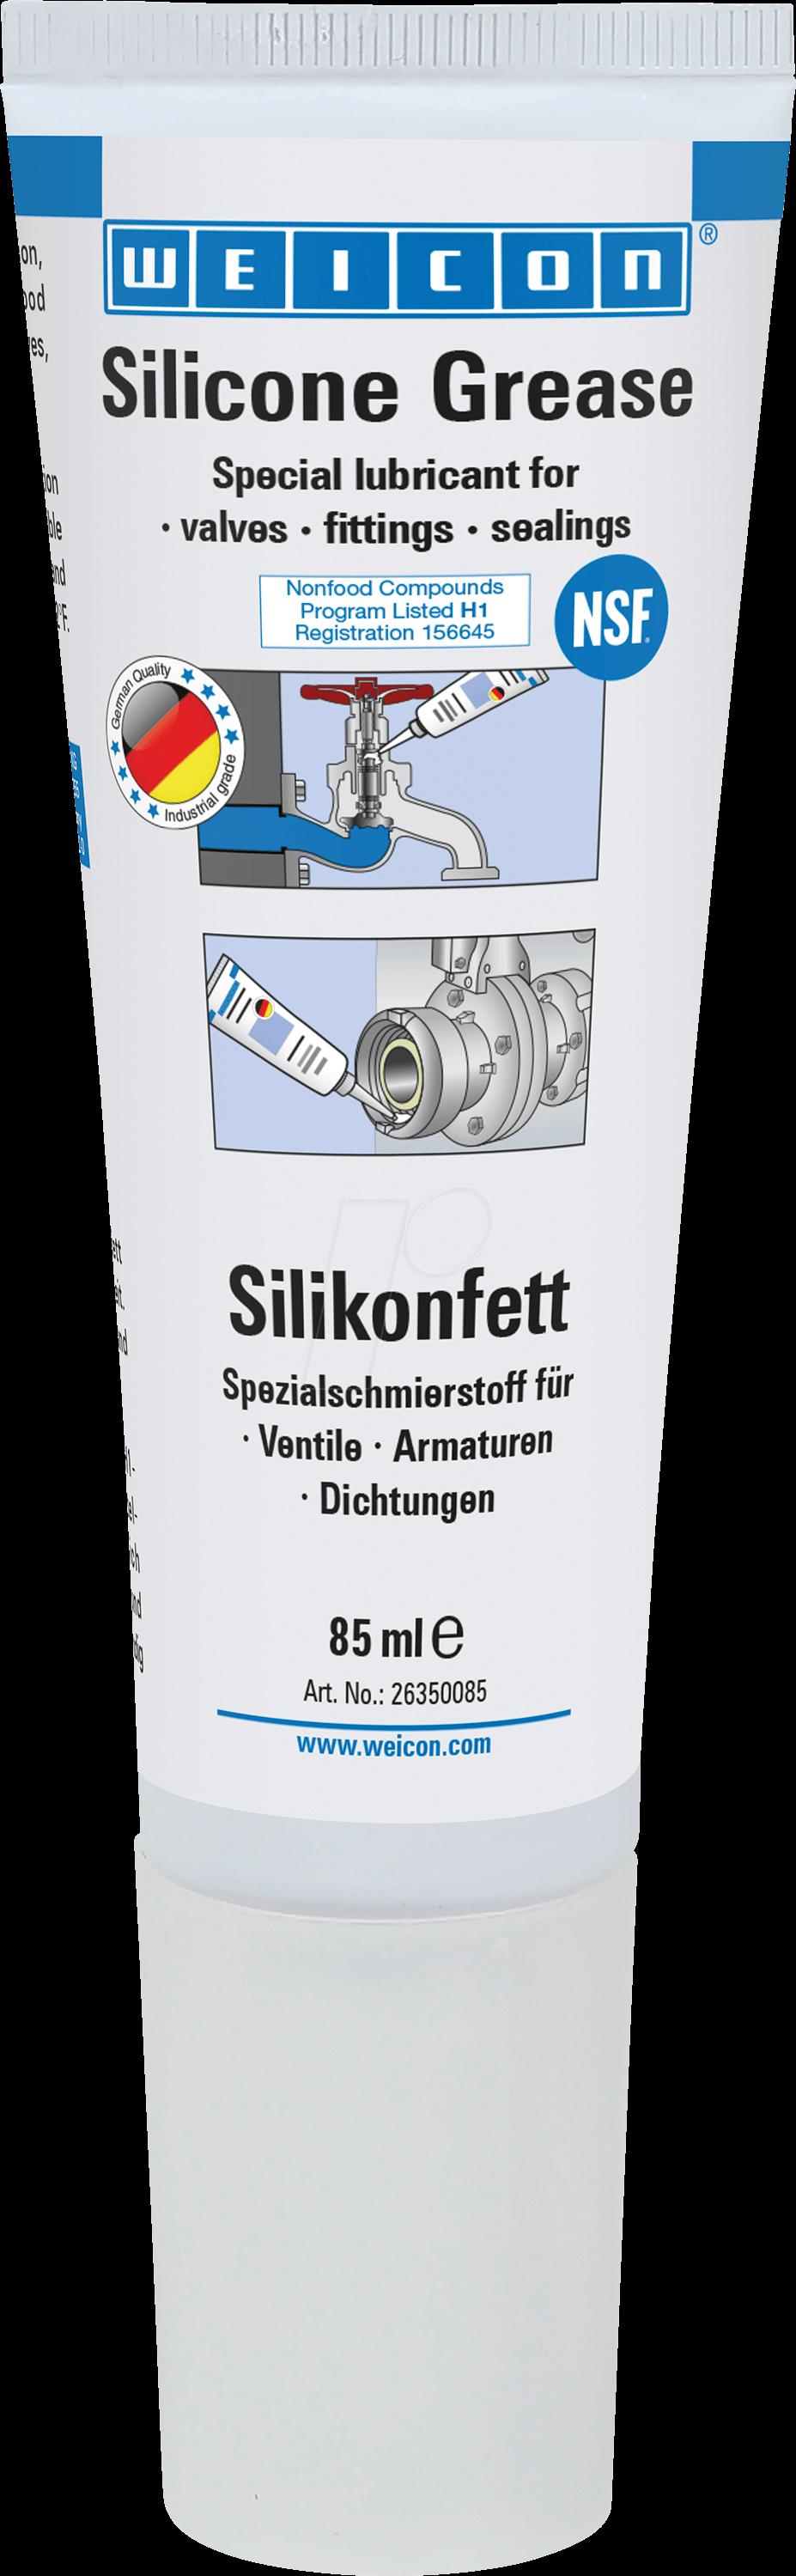 https://cdn-reichelt.de/bilder/web/xxl_ws/D800/26350085_F1_01.png